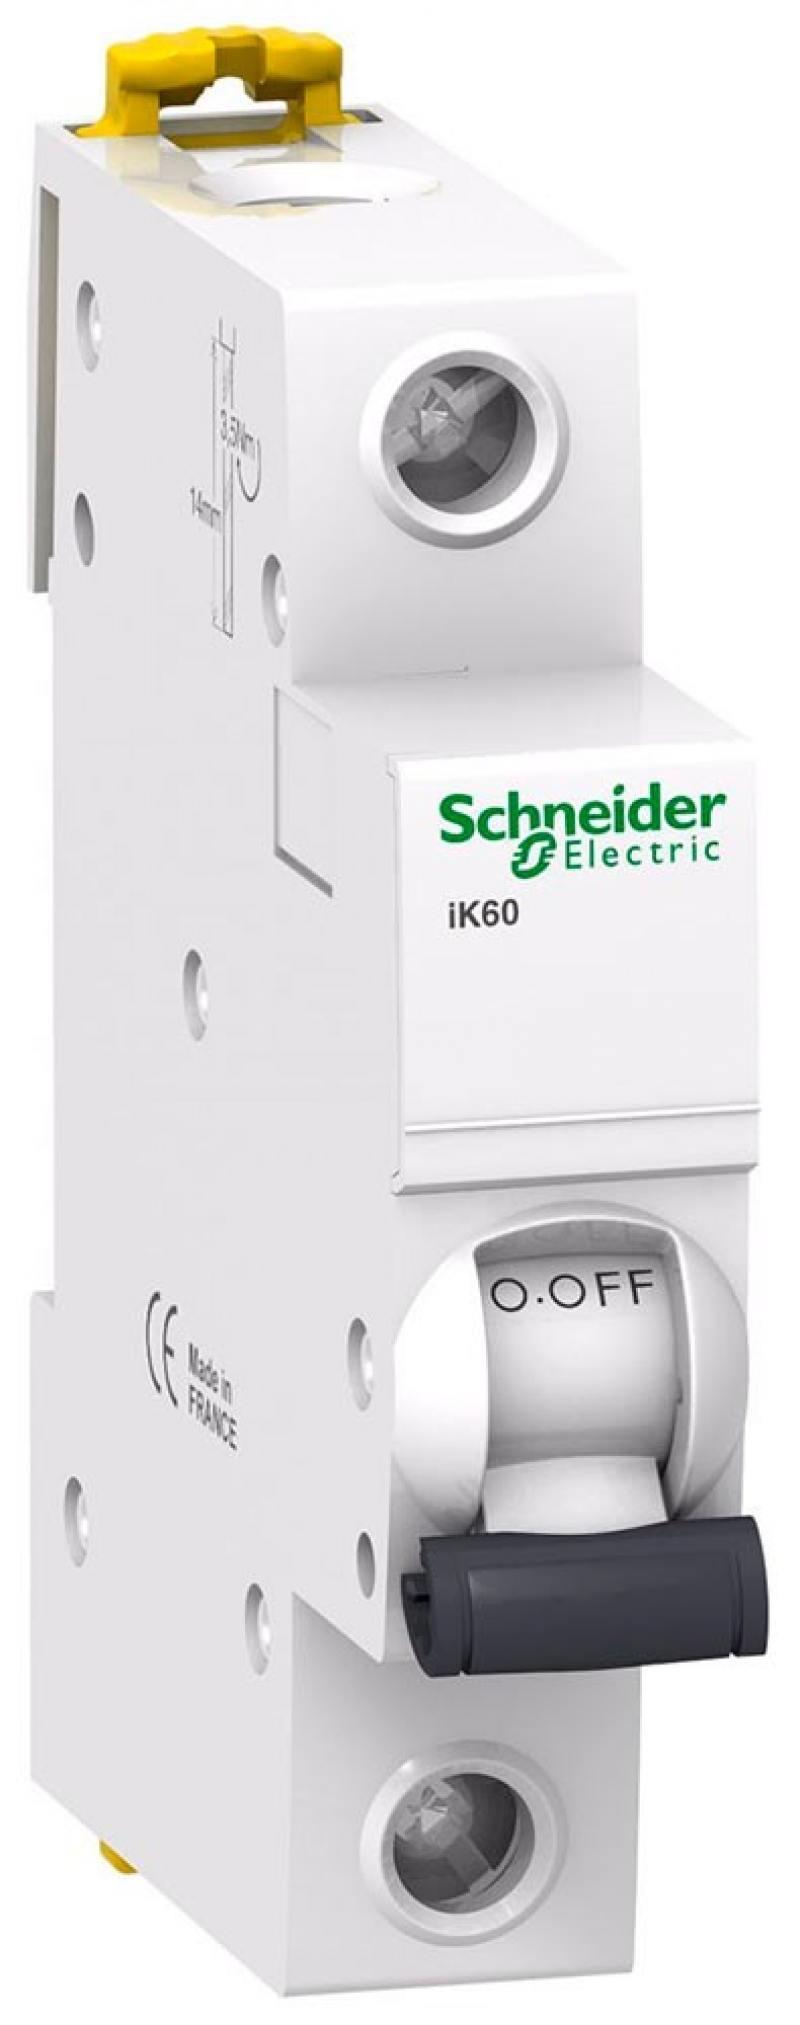 Автоматический выключатель Schneider Electric iK60 1П 16A C A9K24116 автоматический выключатель schneider electric ik60 1п 16a c a9k24116